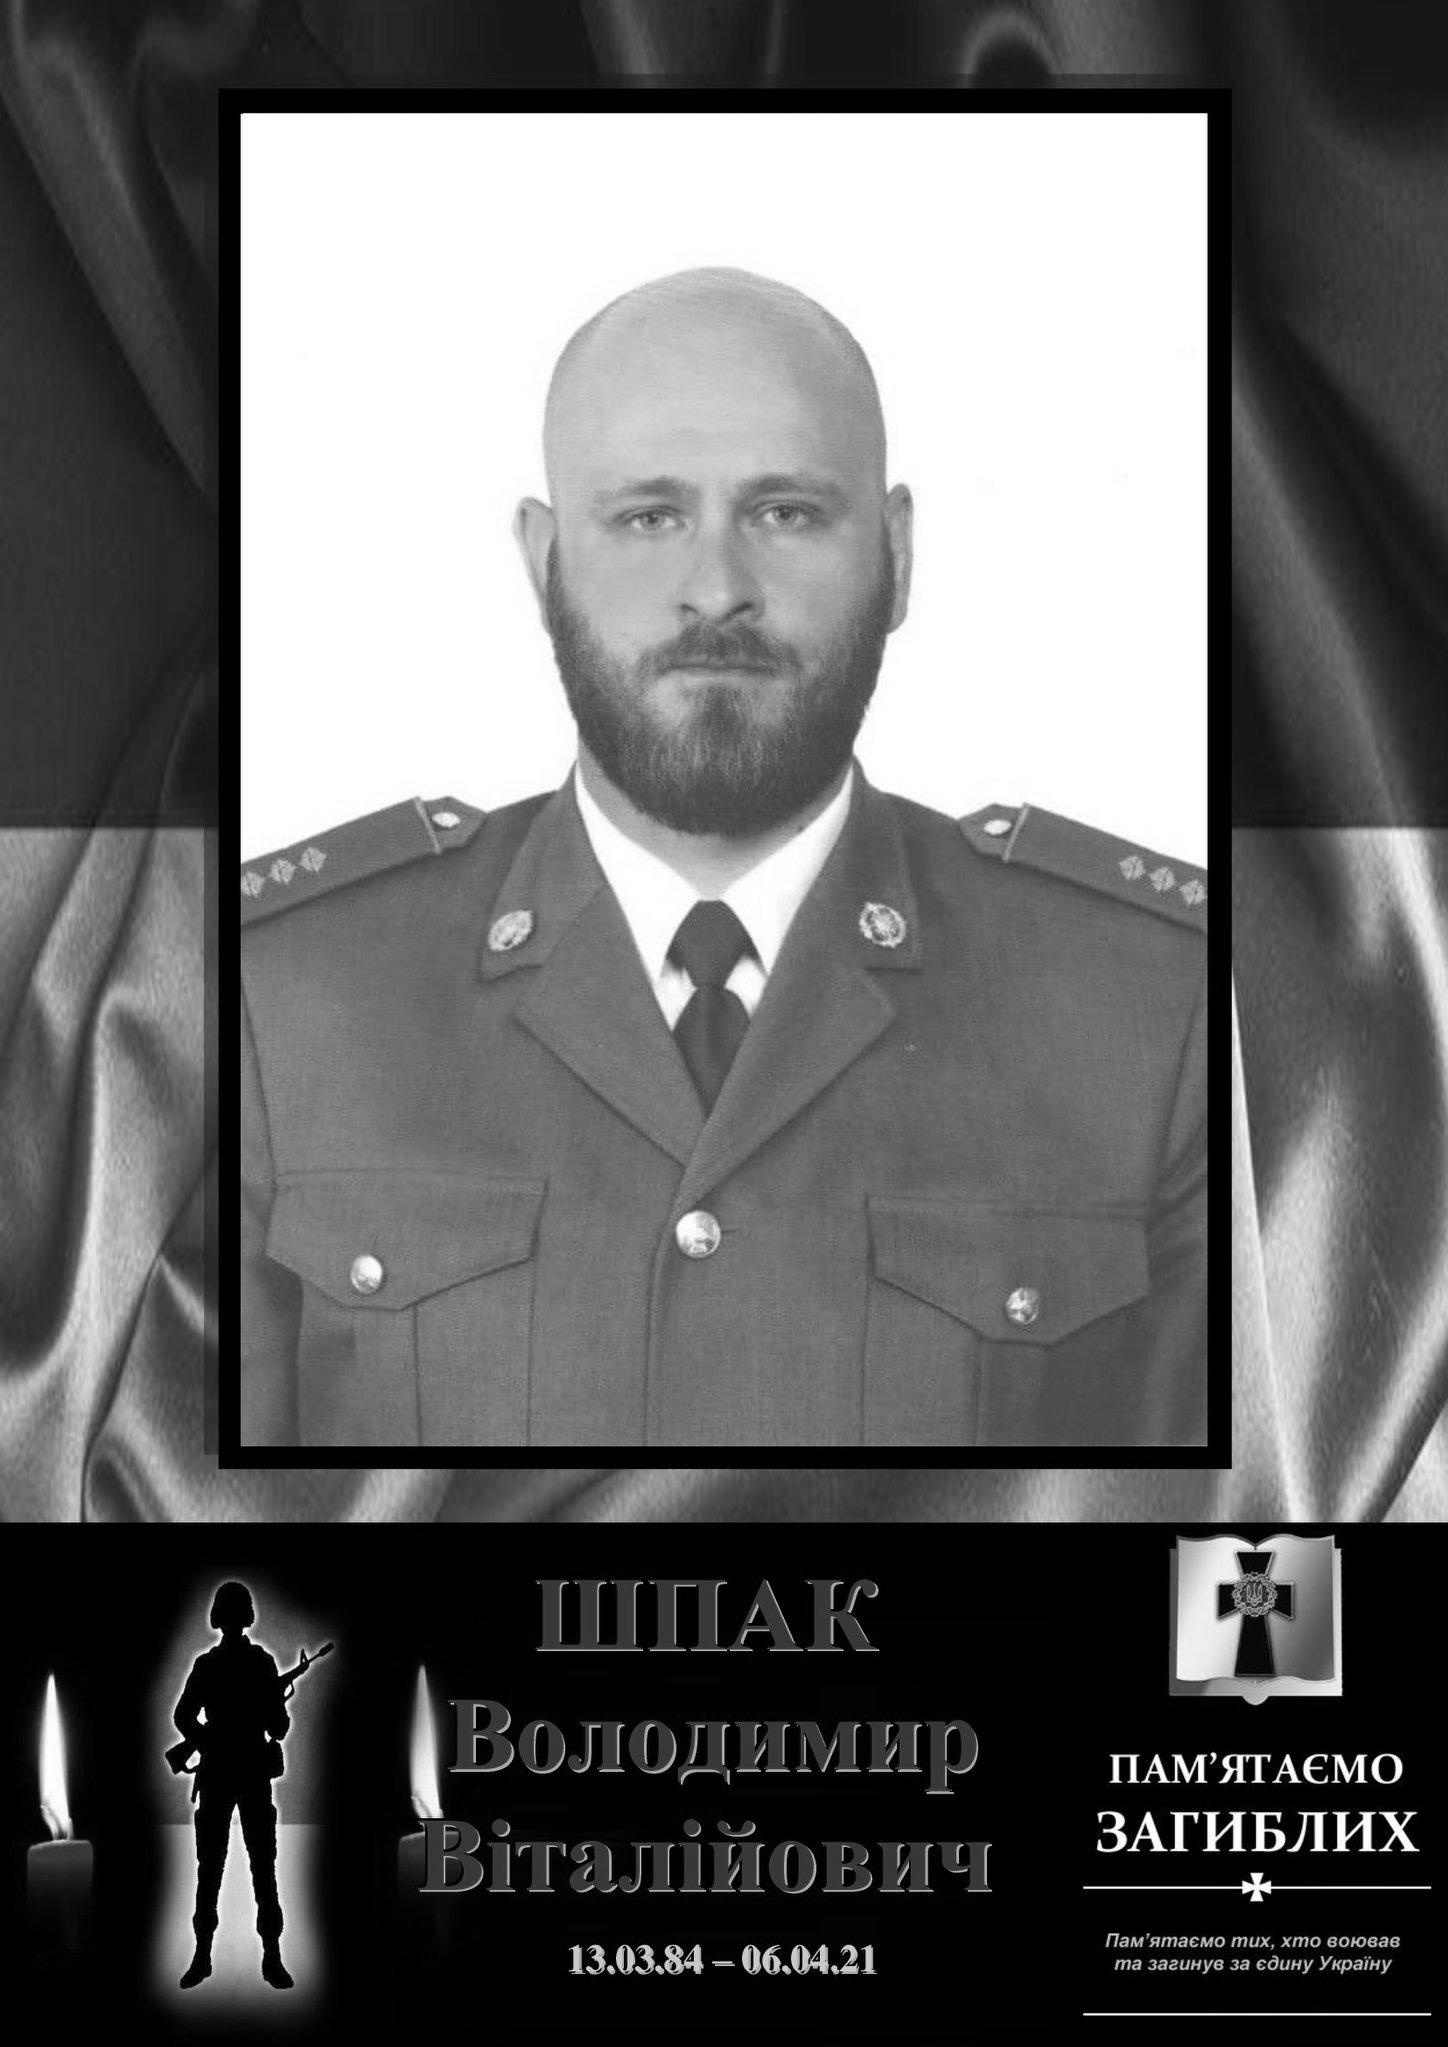 Владимир Шпак